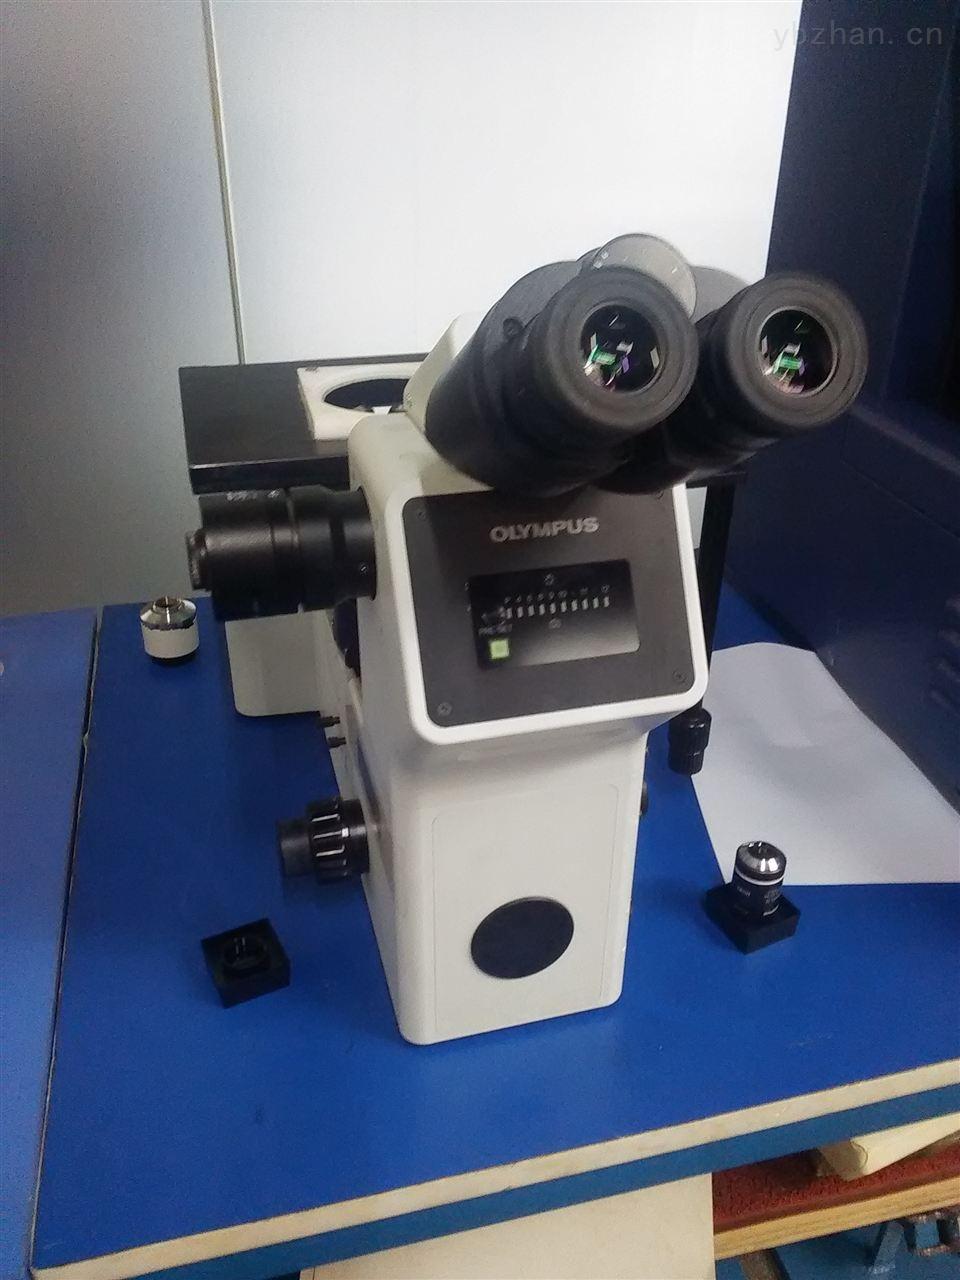 特价二手奥林巴斯金相显微镜GX71价格、图片、货期